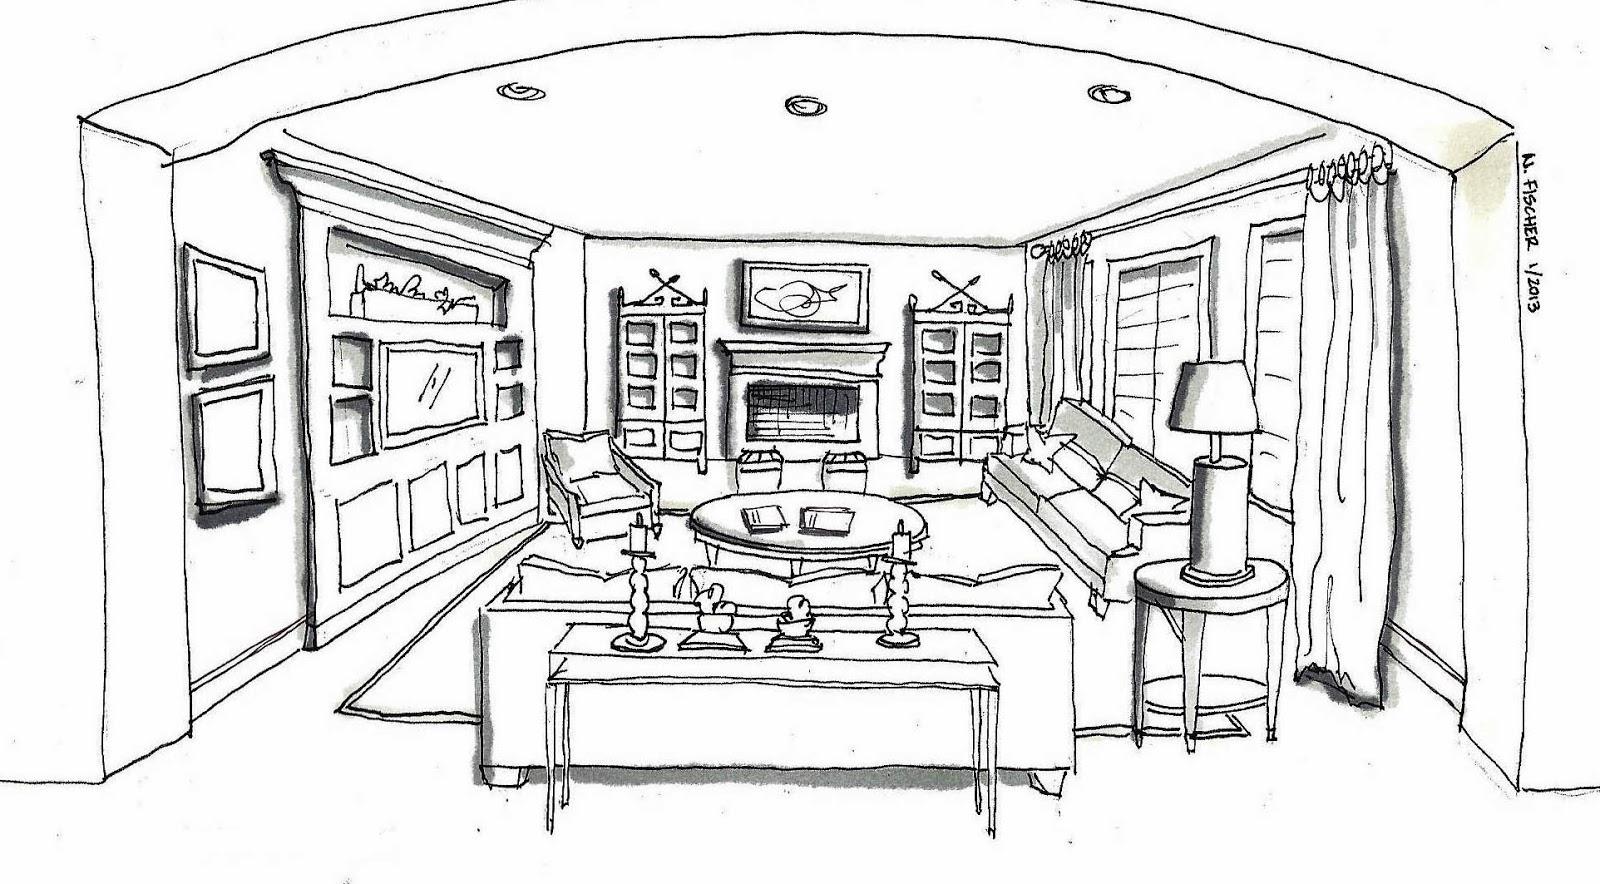 Interior Design Sketch: Fischer Interior Design